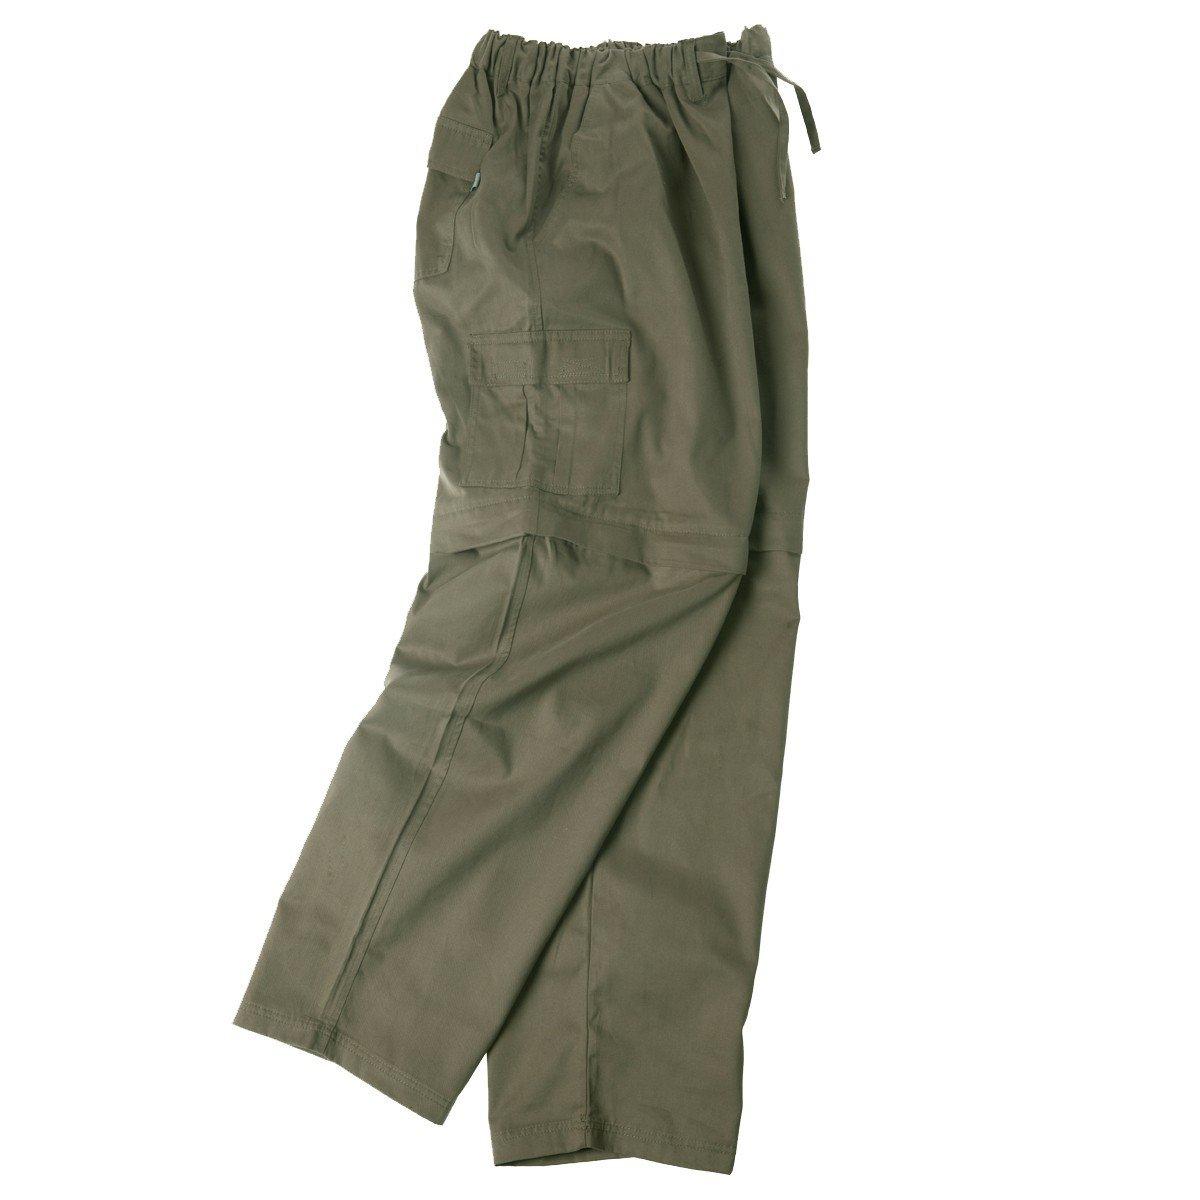 XXL Pantalones con un cintur/ón el/ásticos en caqui